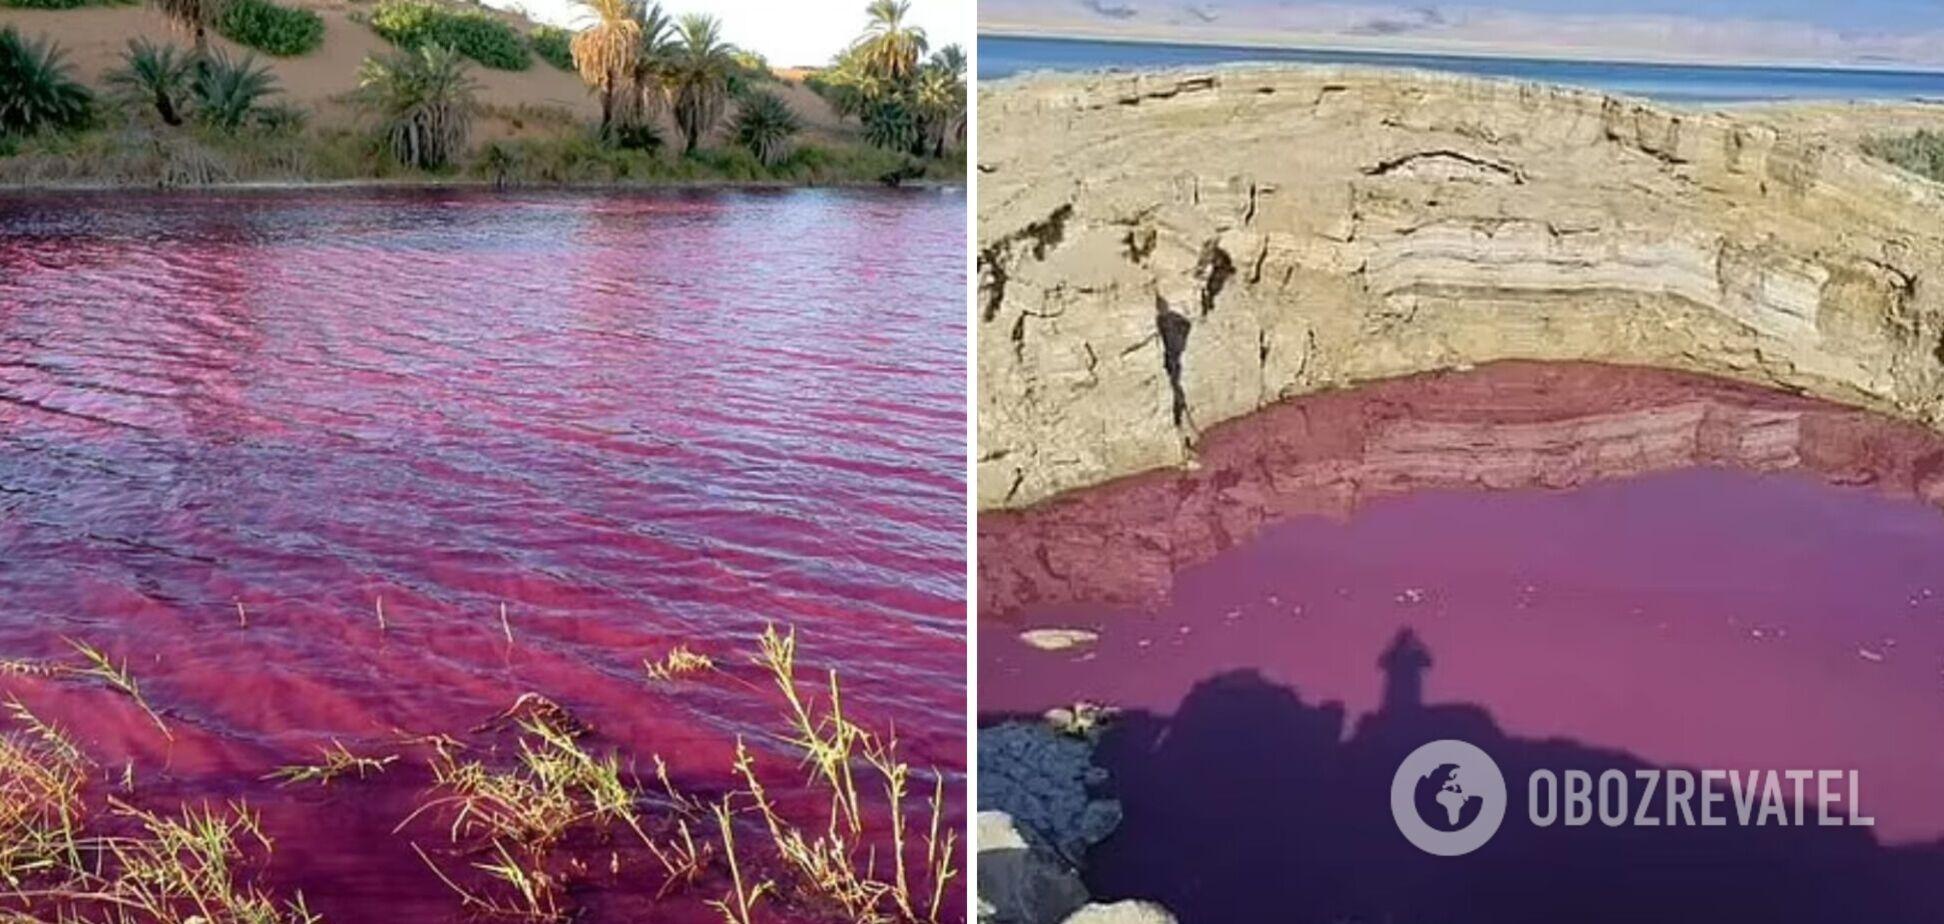 Вода озера в Иордании внезапно окрасилась